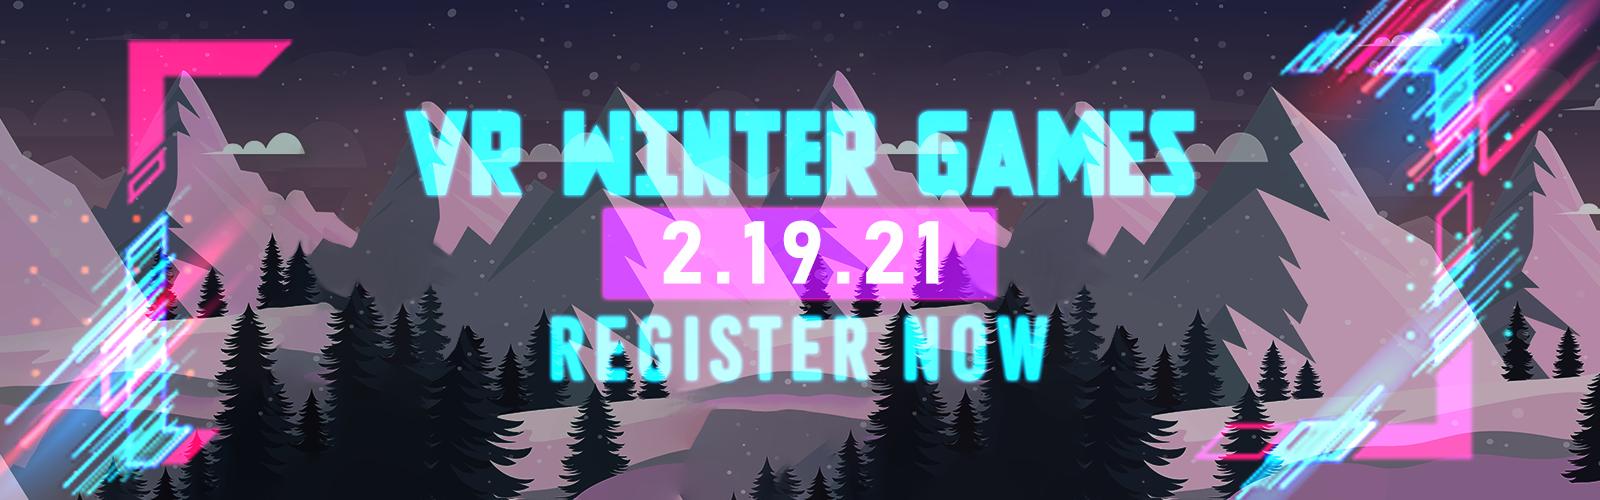 Register for the VR Winter Games